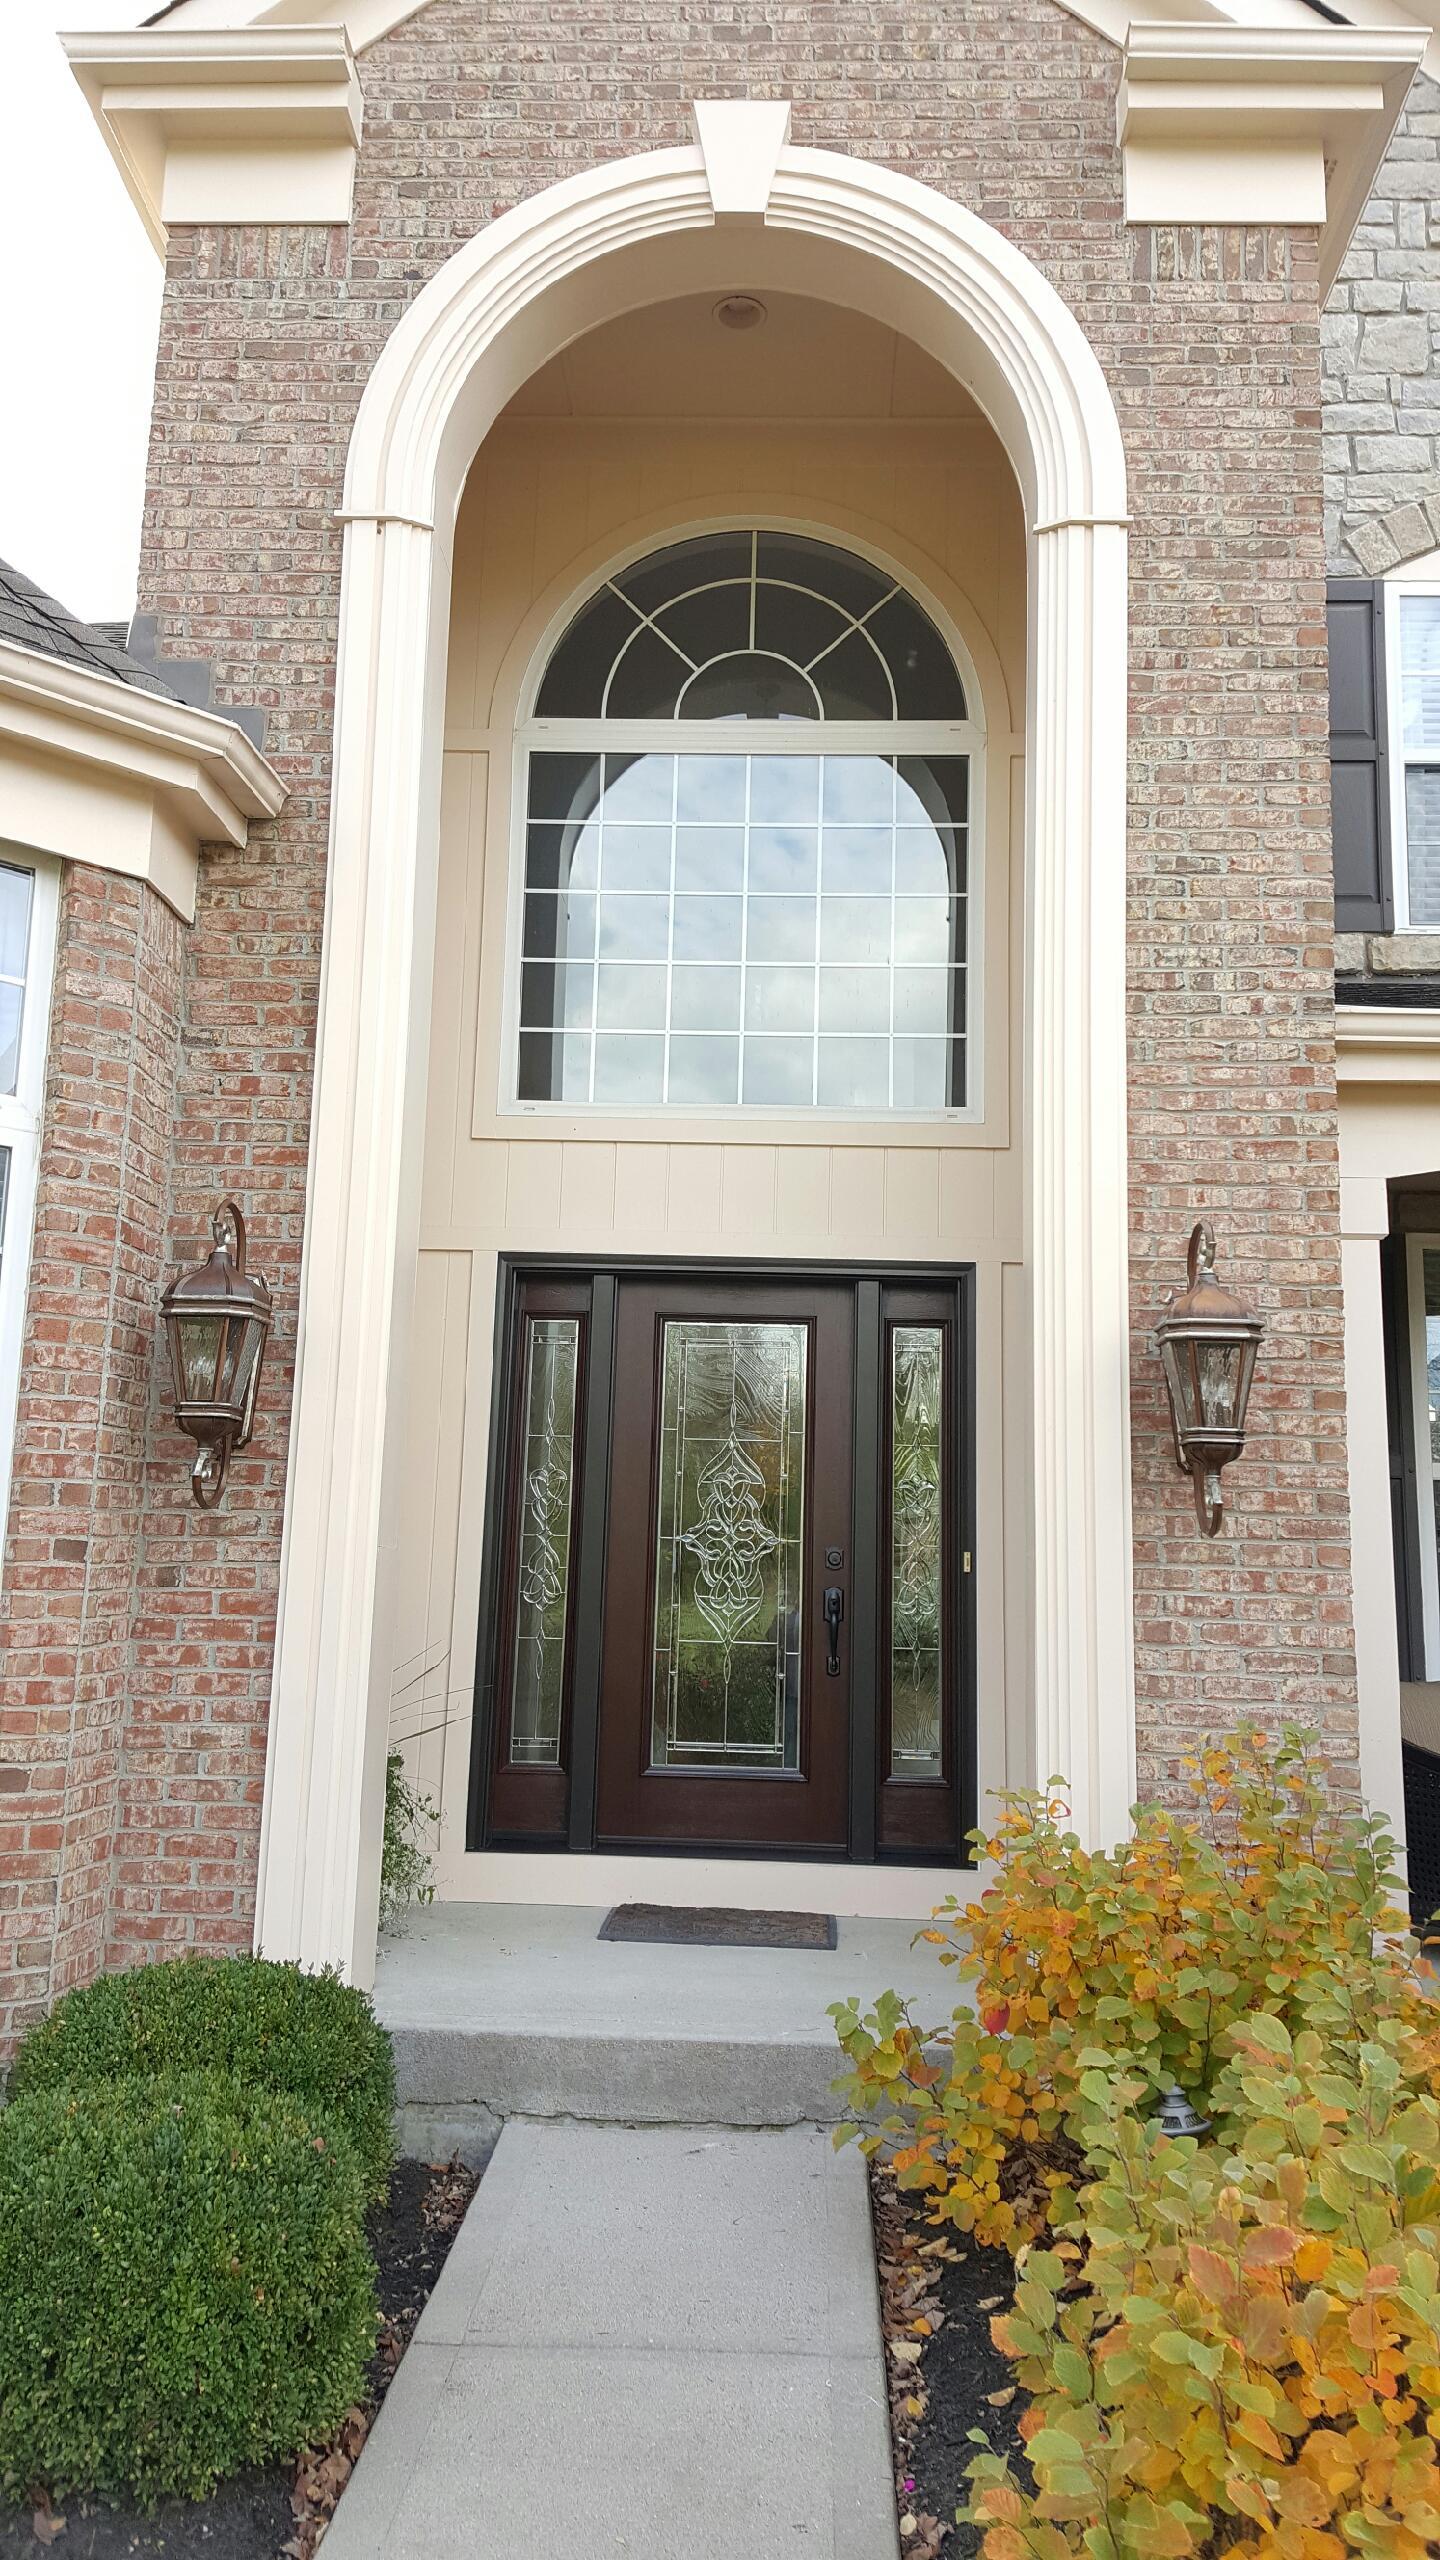 2560 #9F742C  Door From Lebanon For Provia Doors JFK Window & Door Forest Park wallpaper Provia Entry Doors 45751440